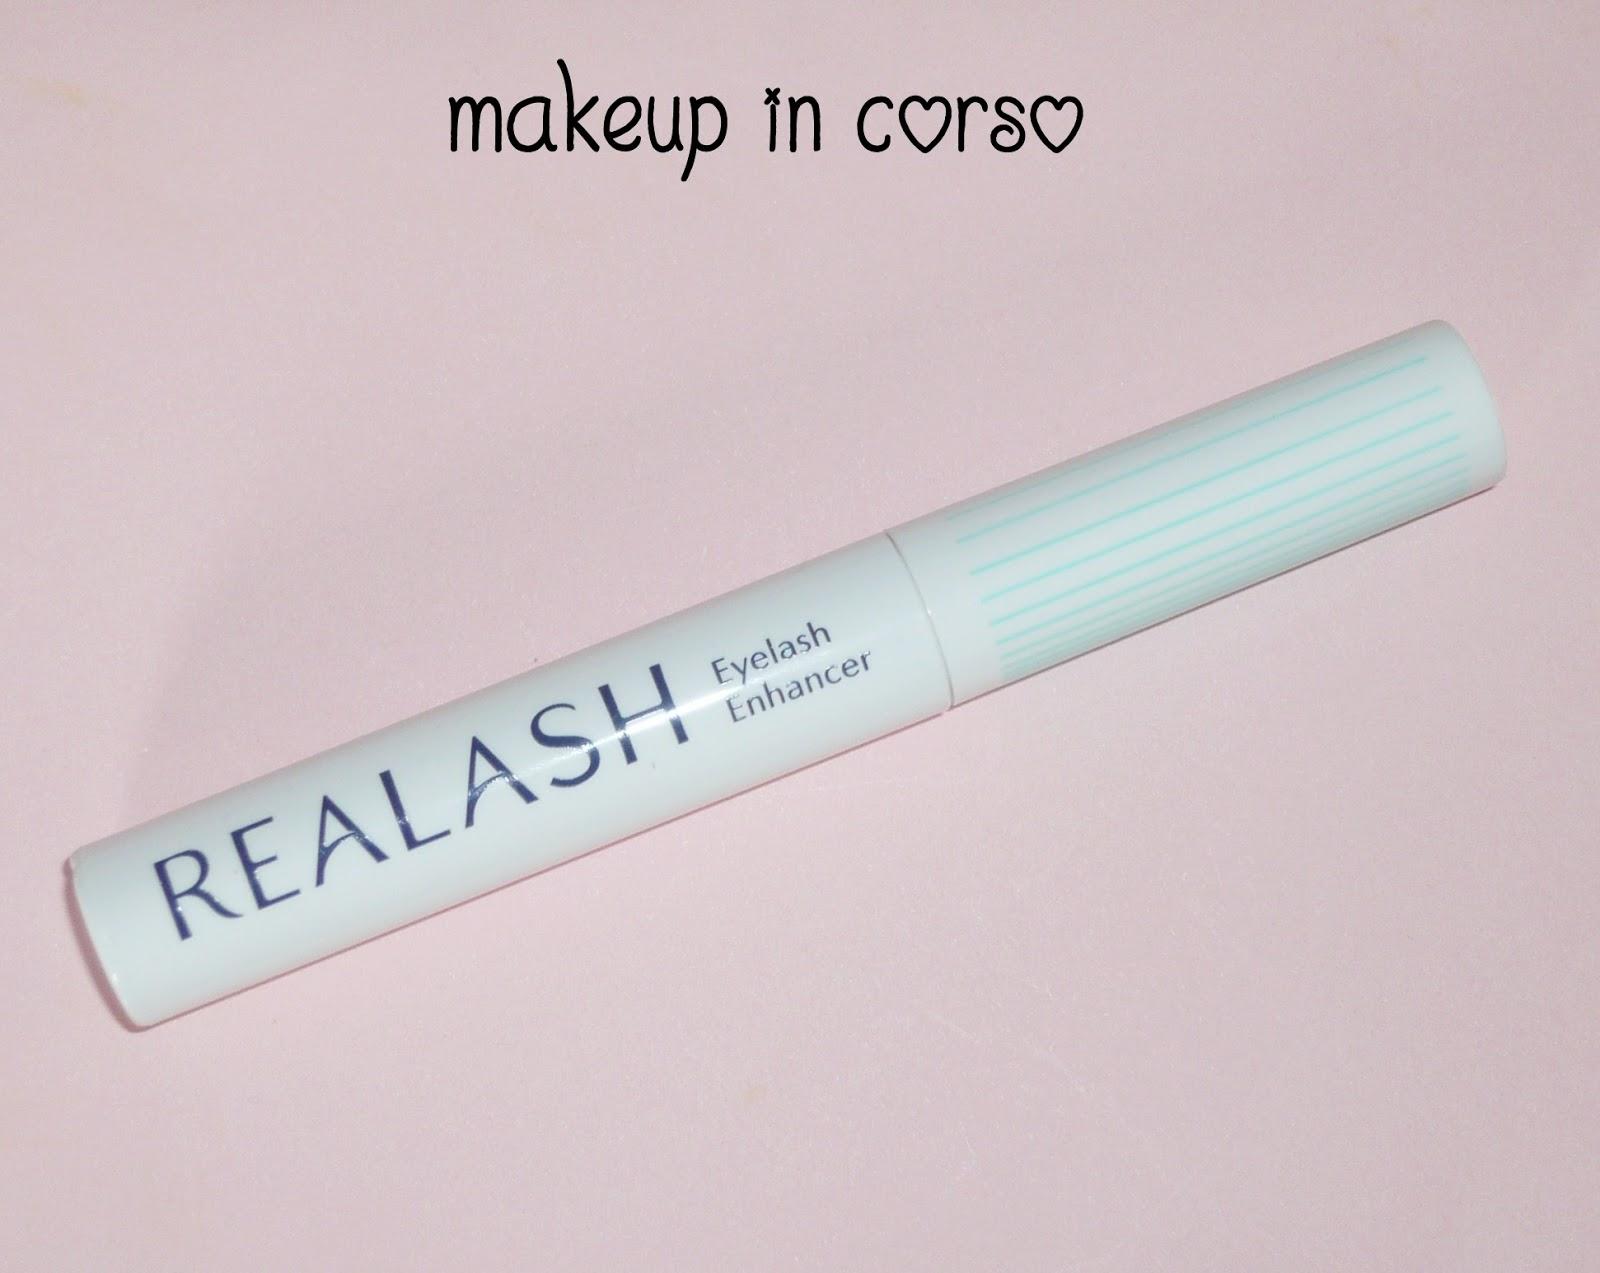 cfe39ffdb28 Makeup in Corso: Ciglia e sopracciglia più belle con Realash